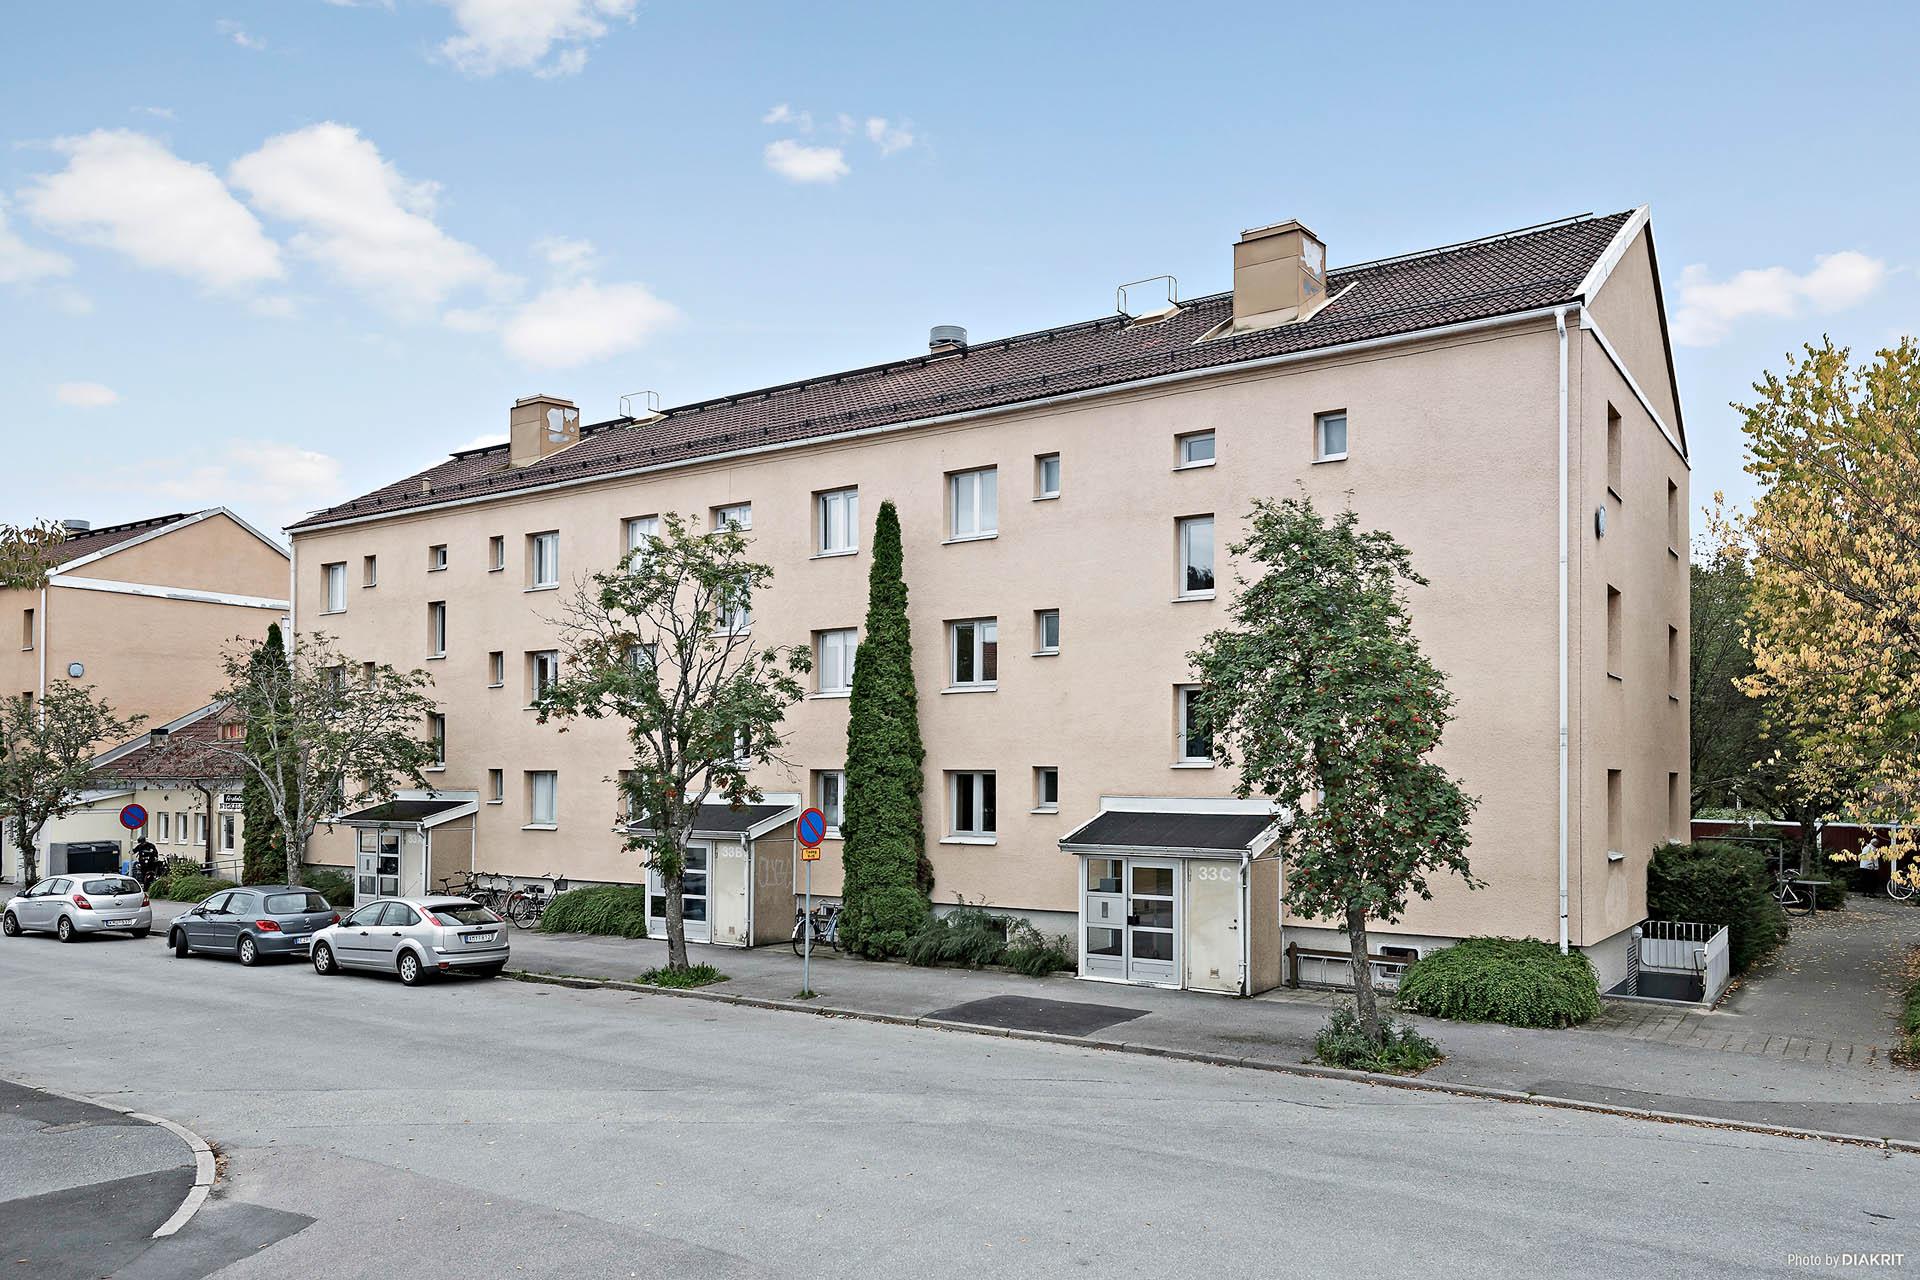 Bostadshuset från Ullavigatan